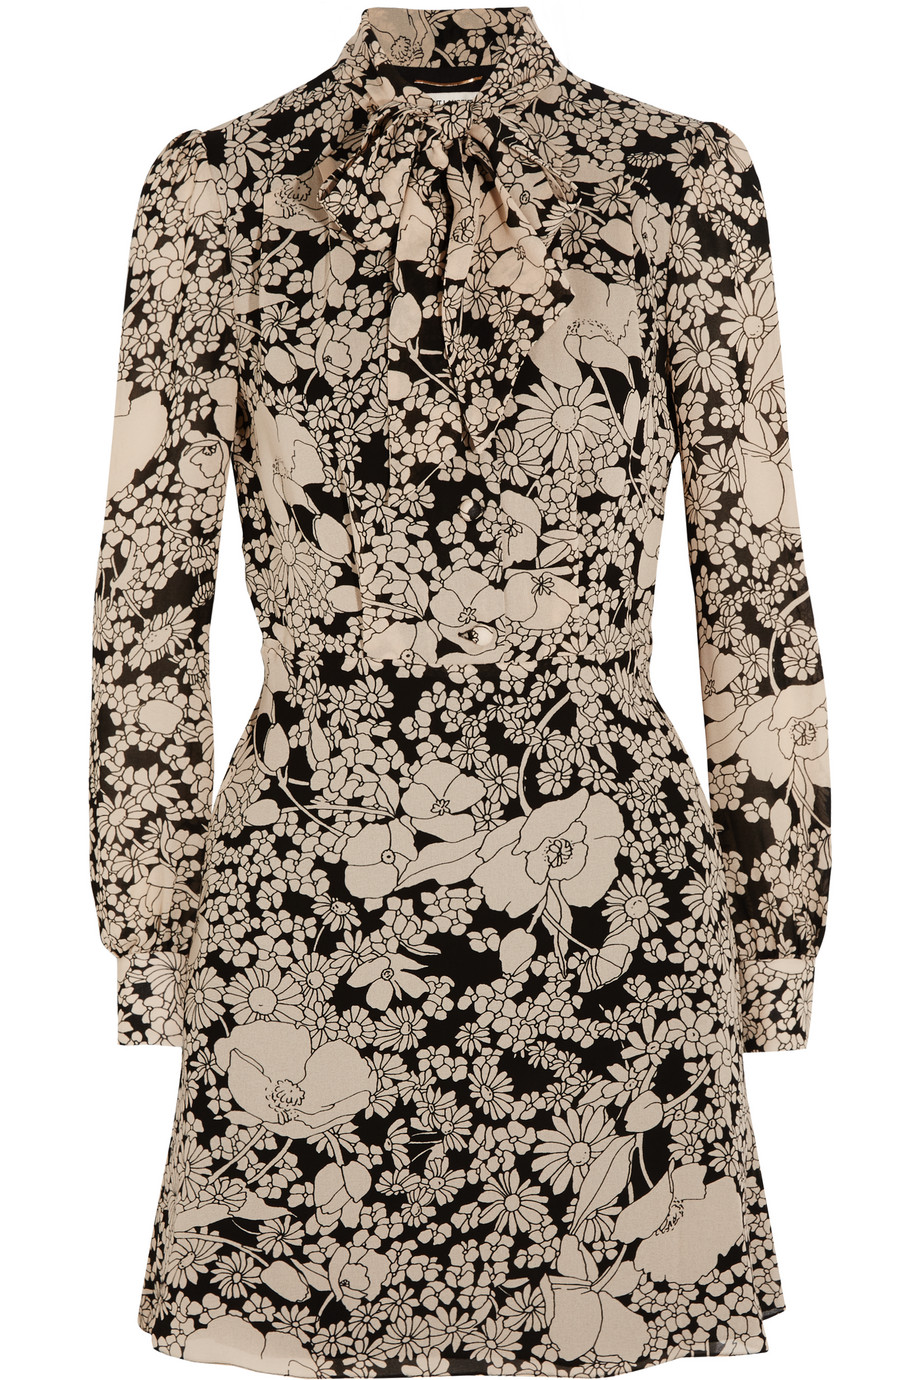 Saint Laurent Pussy-Bow Floral-Print Crepe Dress, Ecru, Women's - Printed, Size: 36